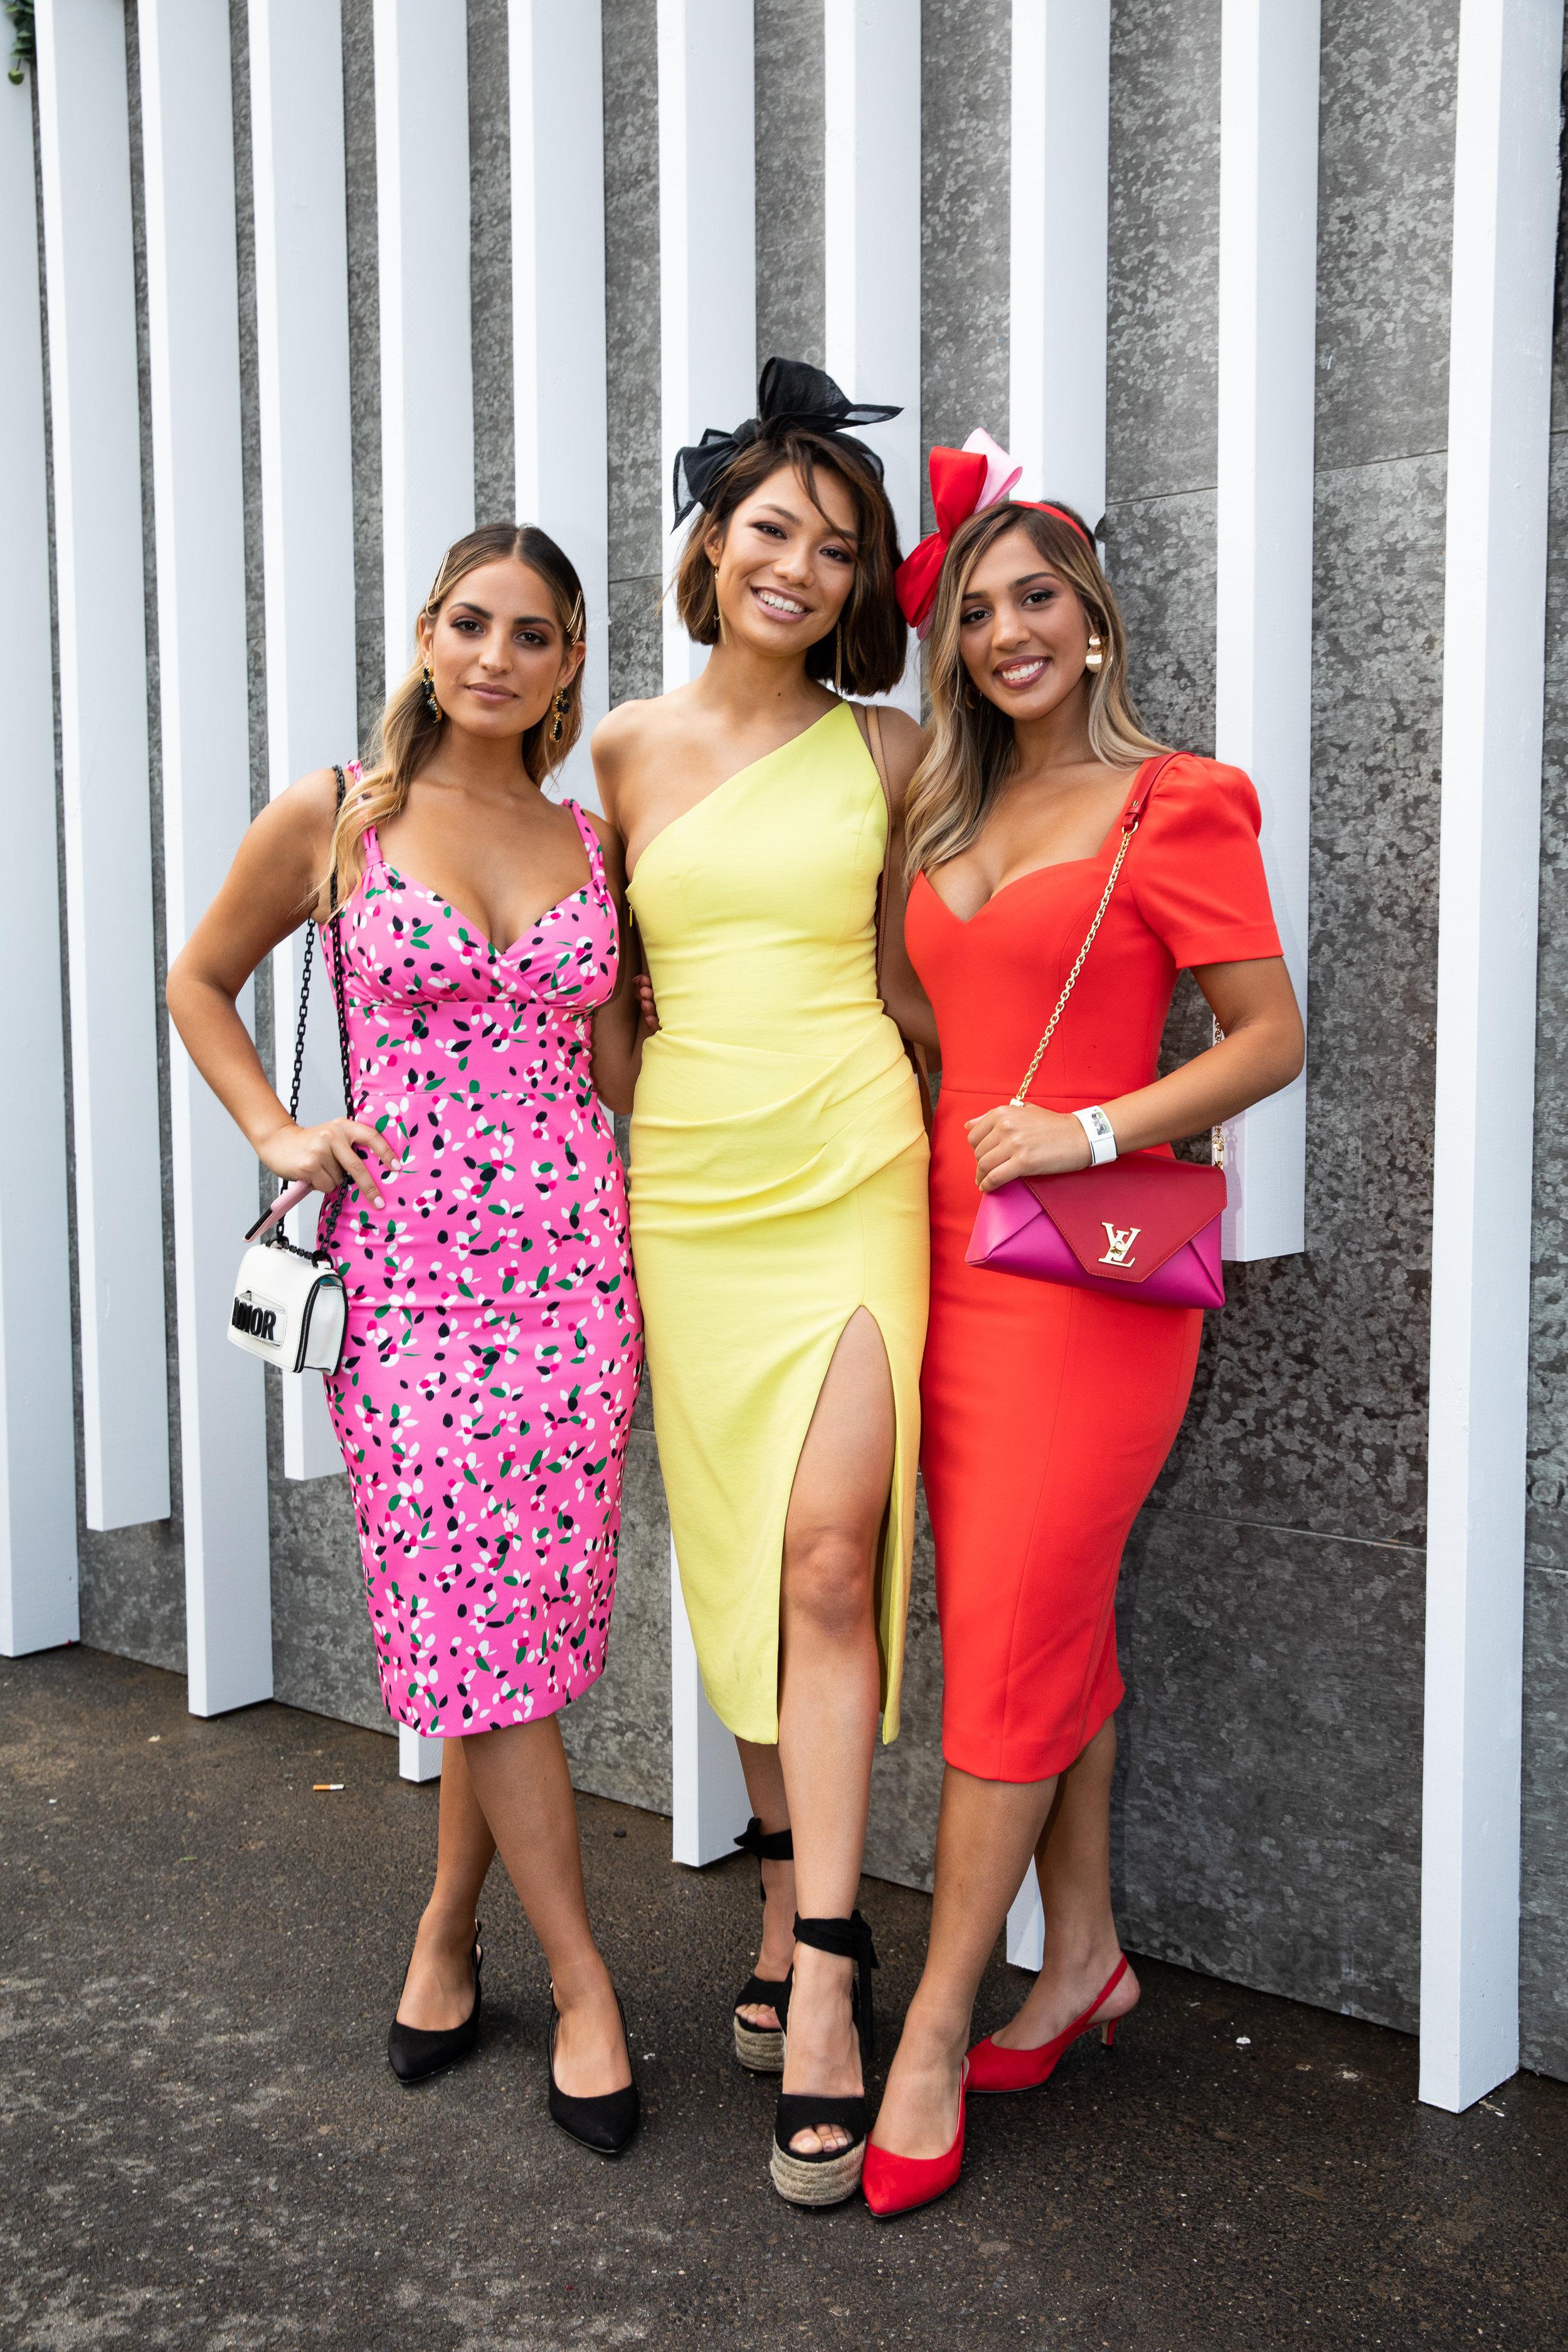 Jade Tunchy, Lavinia Smith and Yasmin Tunchy